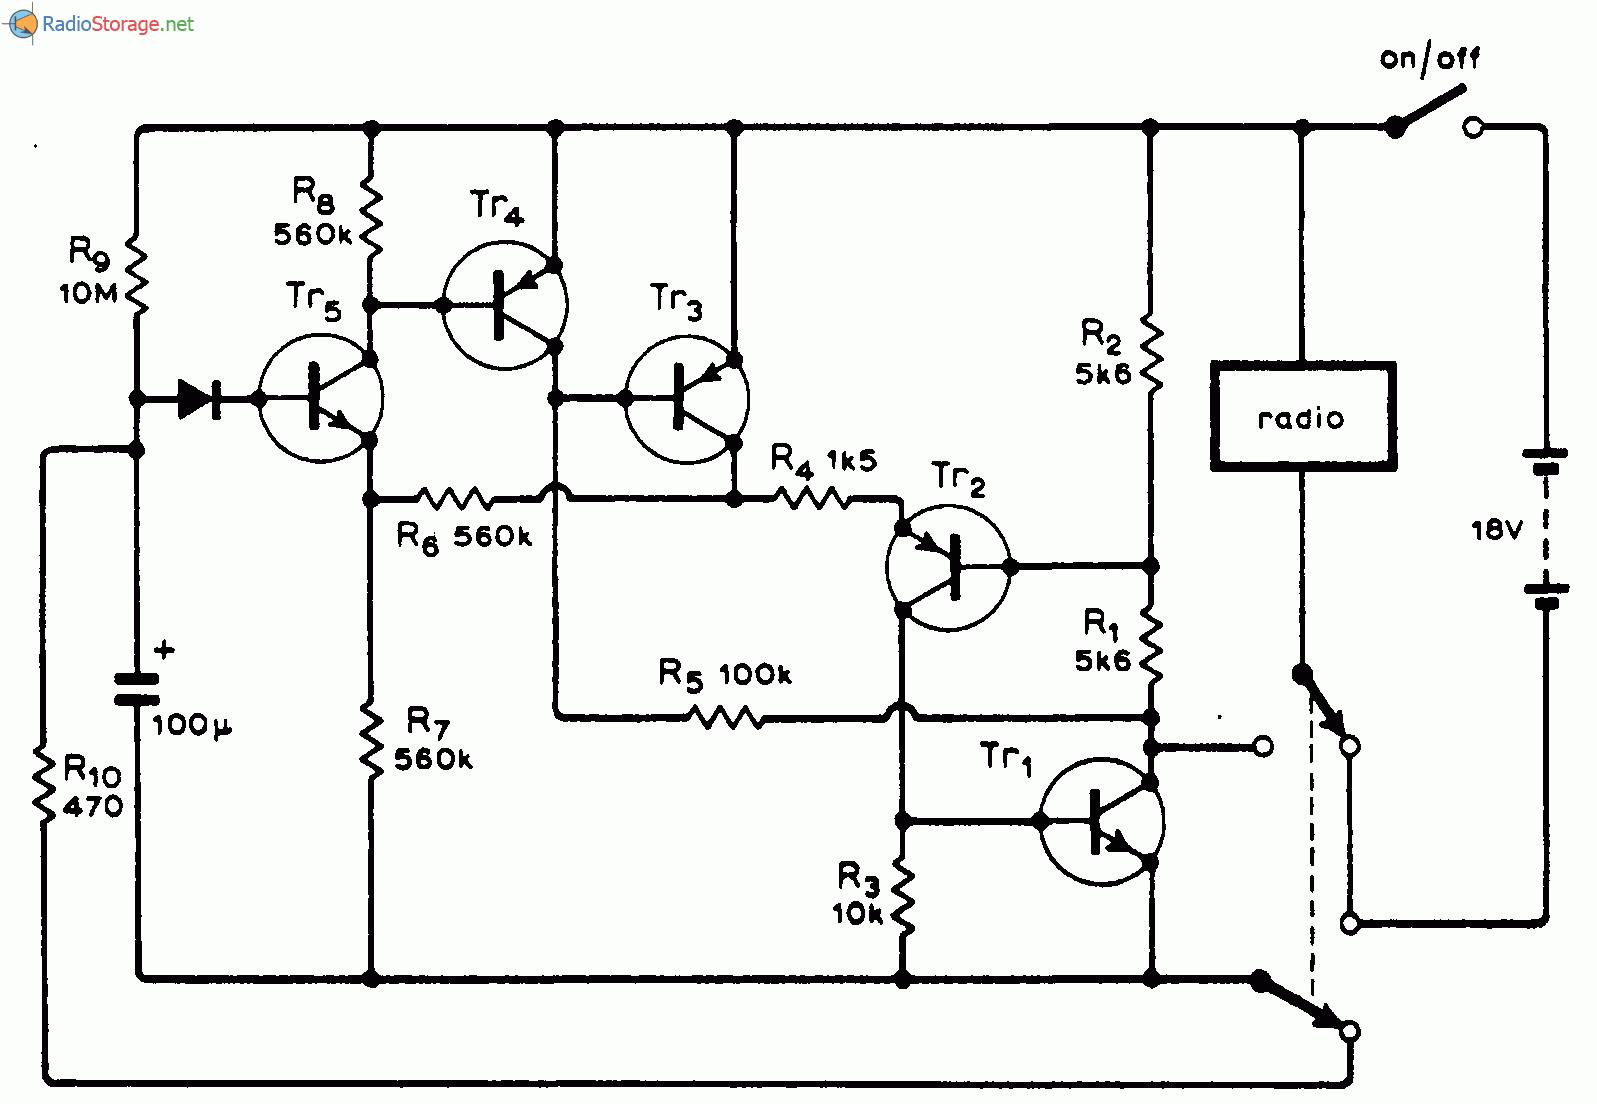 Таймер обладает малым потреблением электроэнергии при обоих положениях переключателя.